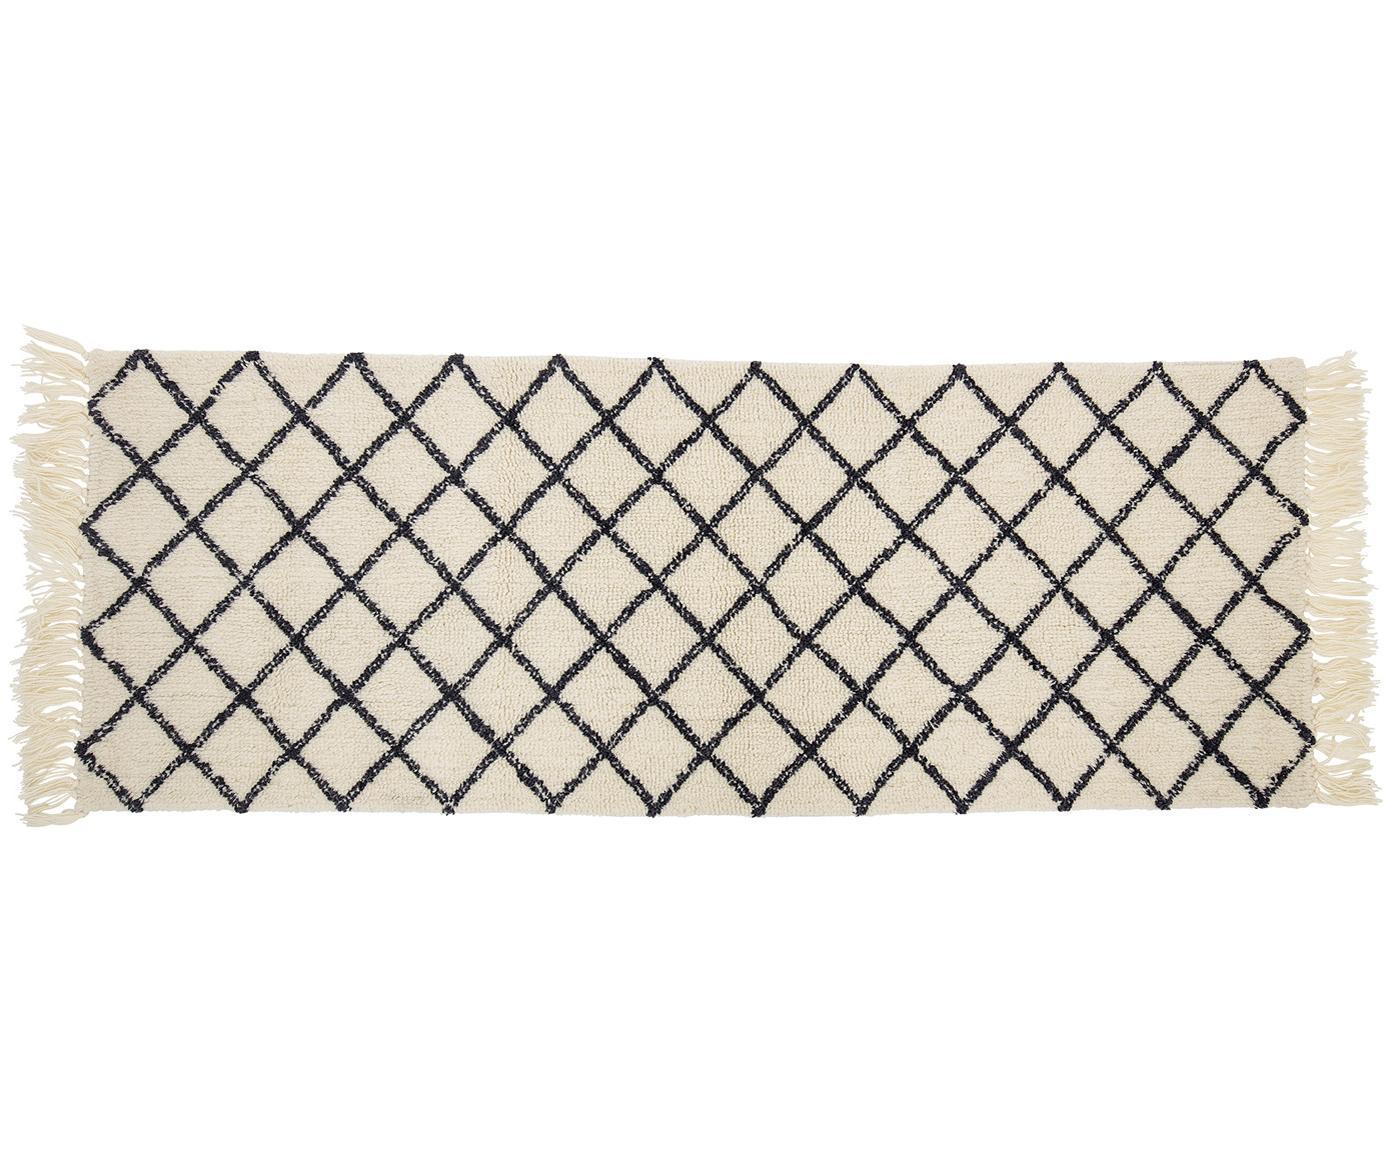 Wollläufer Alva mit Rautenmuster, Creme, Anthrazit, 70 x 200 cm